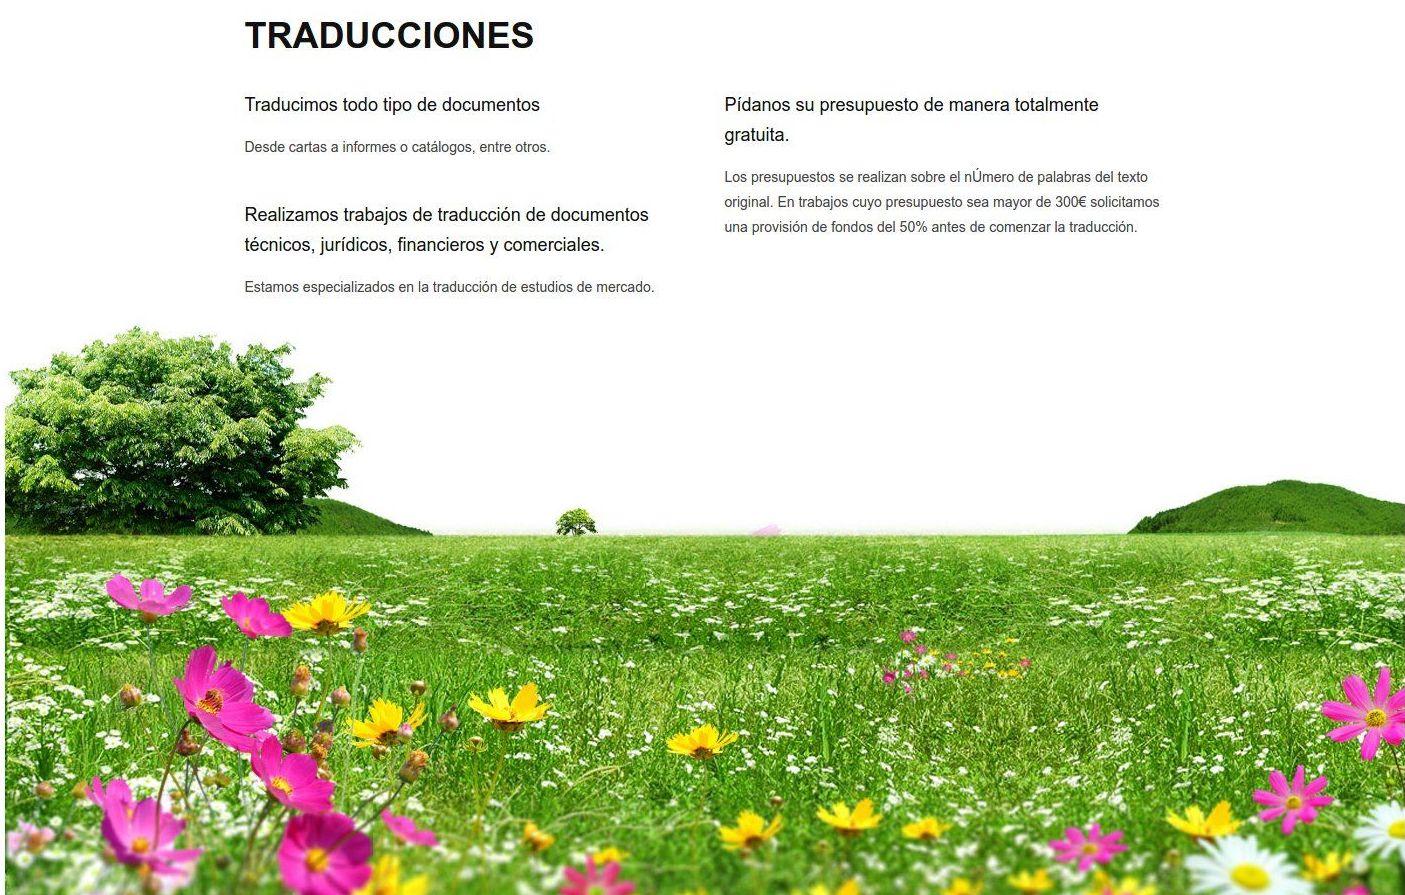 Traducciones Plaza de Castilla